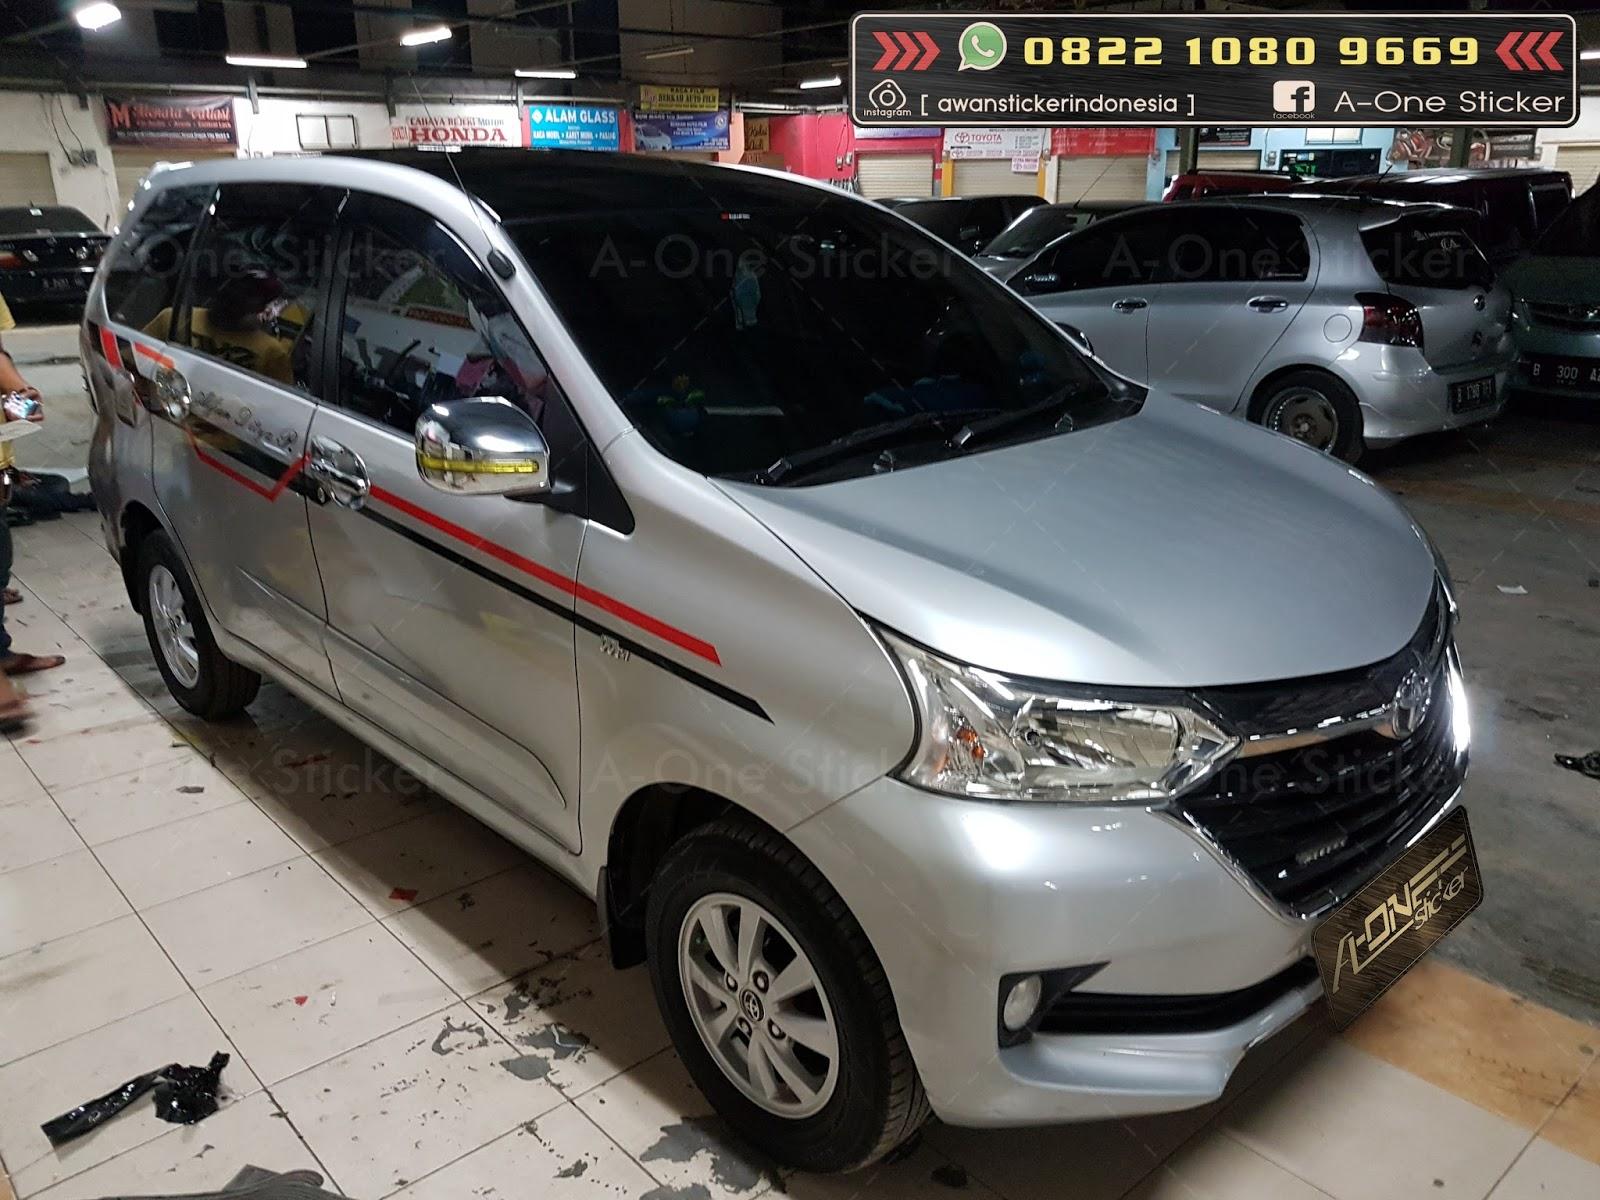 Cutting Sticker Grand New Avanza Toyota Yaris Trd Manual Modifikasi Mobil Stiker Terbaru Sobat Depok Jakarta Bogor